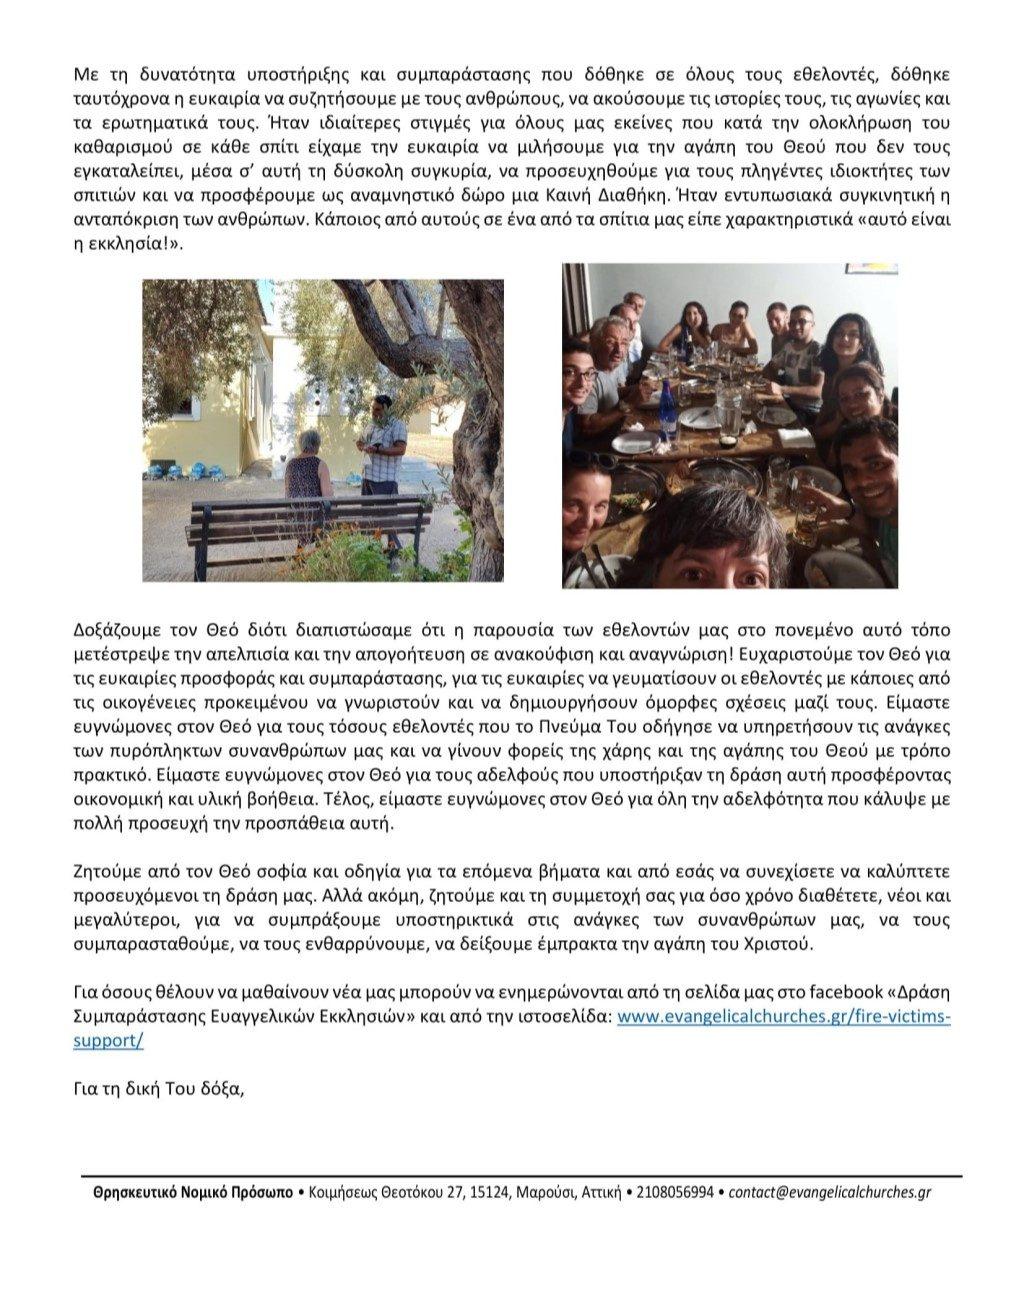 Επιτροπή Διακονίας Ευαγγελισμού και Φιλανθρωπικού Έργου - Πυρόπληκτοι στην Εύβοια